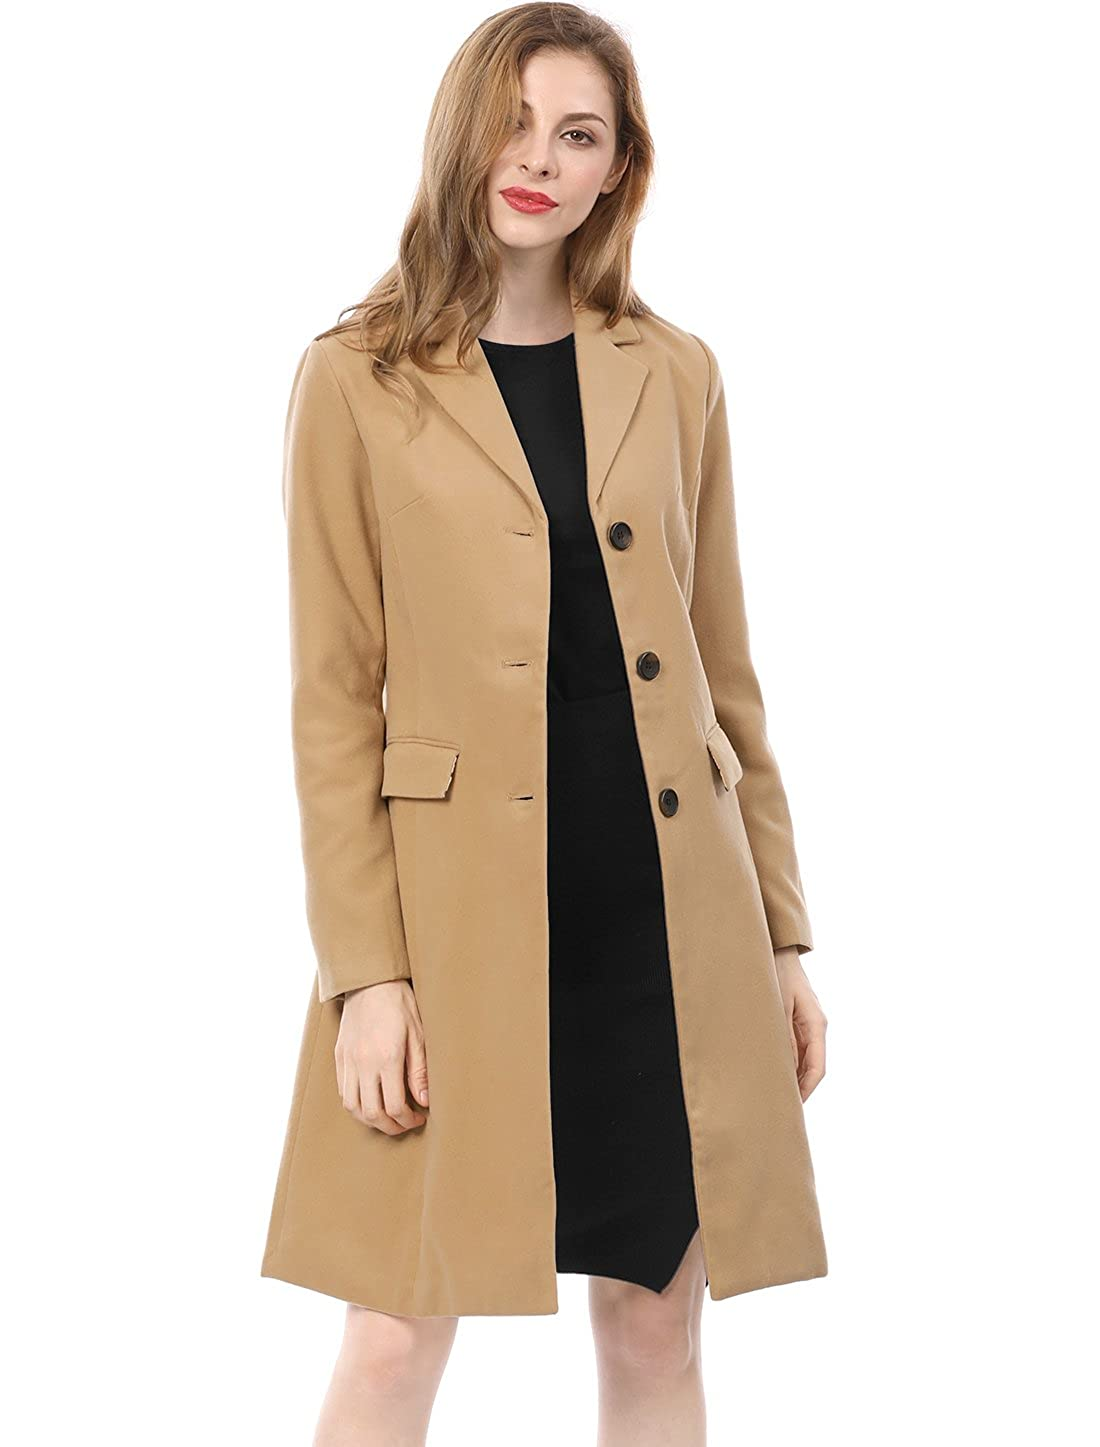 Allegra K Women's Notched Lapel Button Closure Coat s18040800it0703